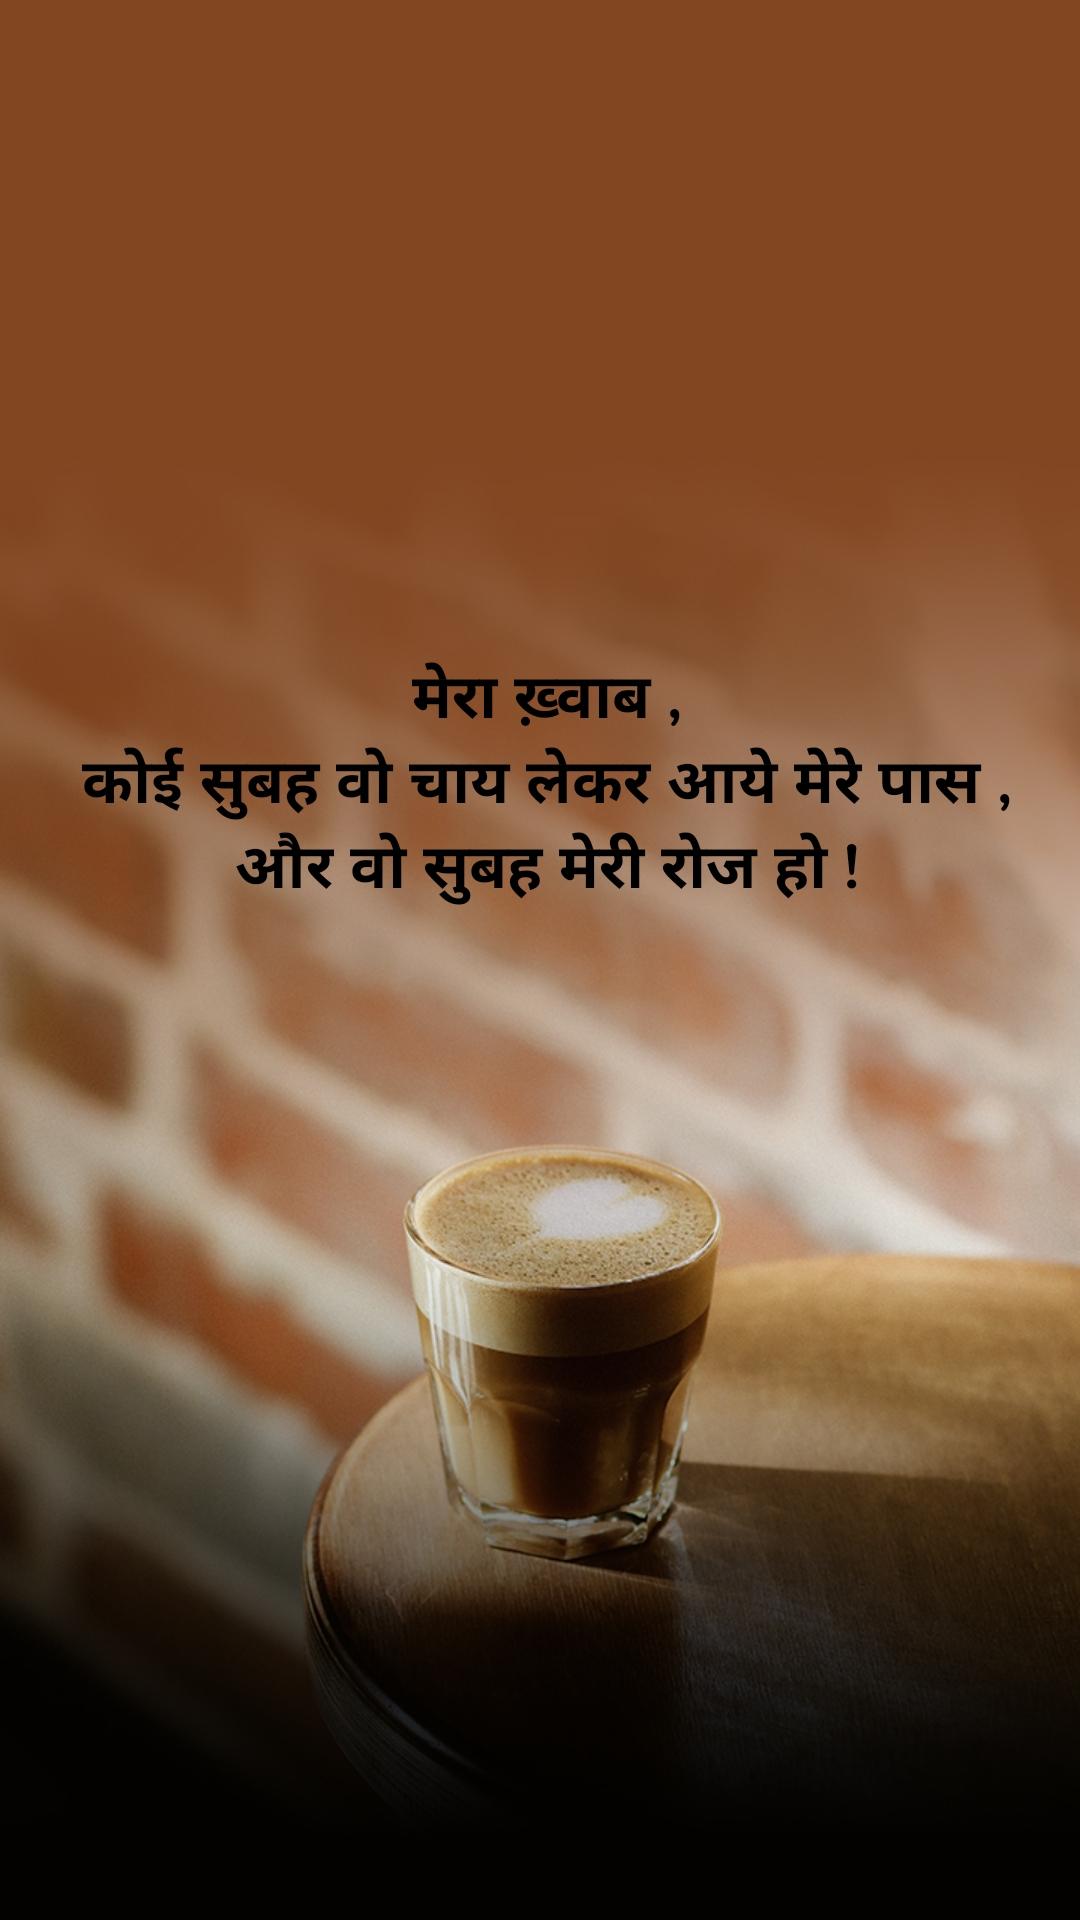 मेरा ख़्वाब , कोई सुबह वो चाय लेकर आये मेरे पास , और वो सुबह मेरी रोज हो !